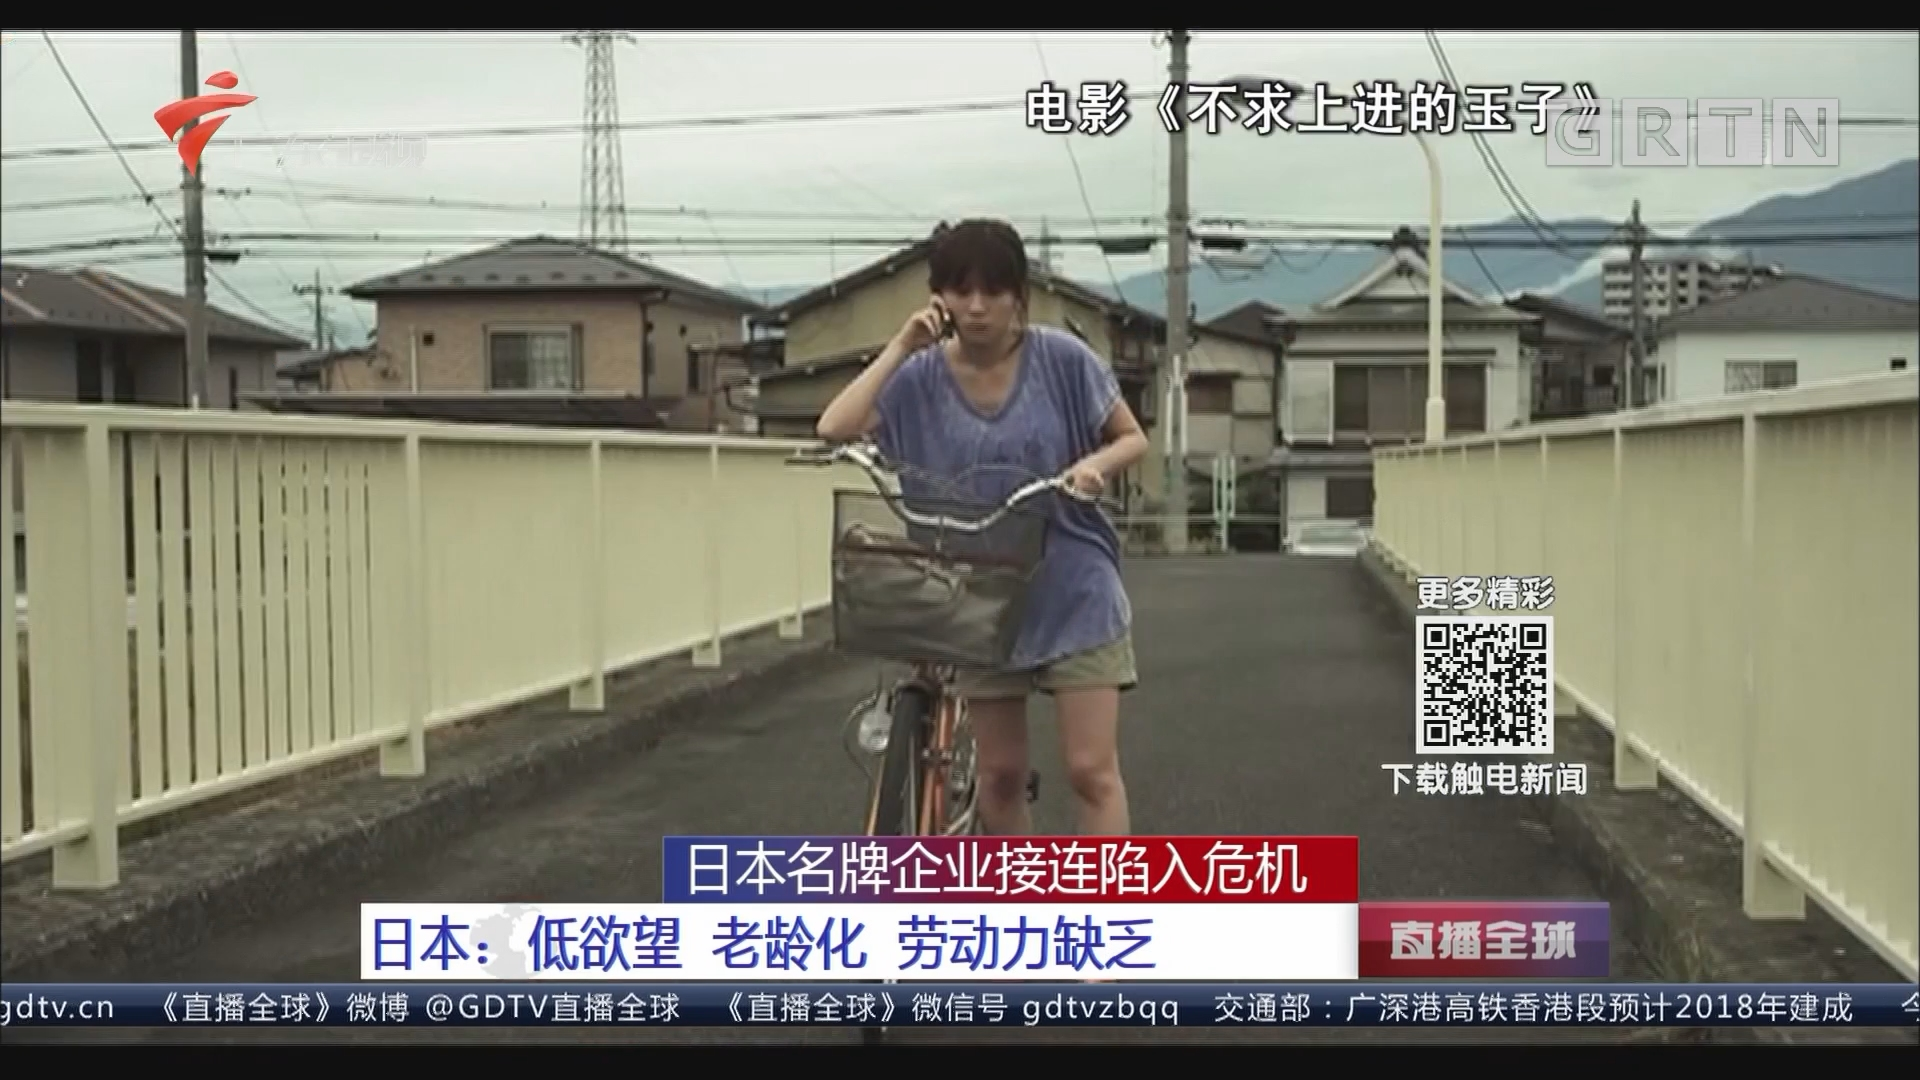 日本名牌企业接连陷入危机 日本:低欲望 老龄化 劳动力缺乏